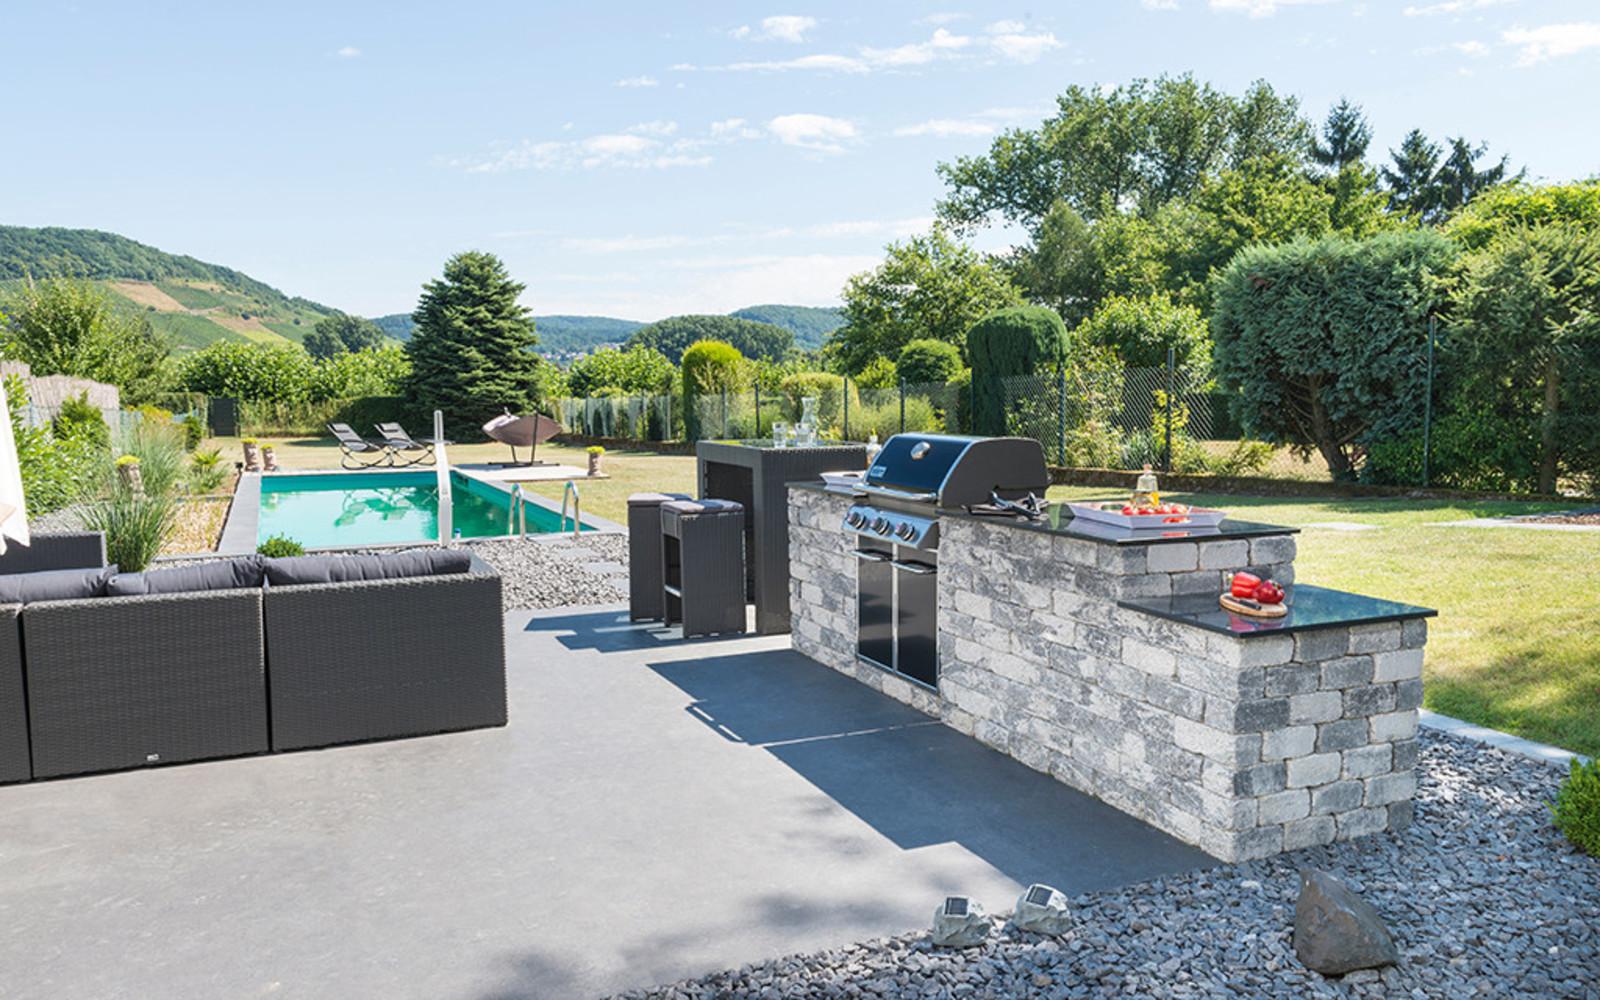 Garten mit Pool und Outdoorkitchen